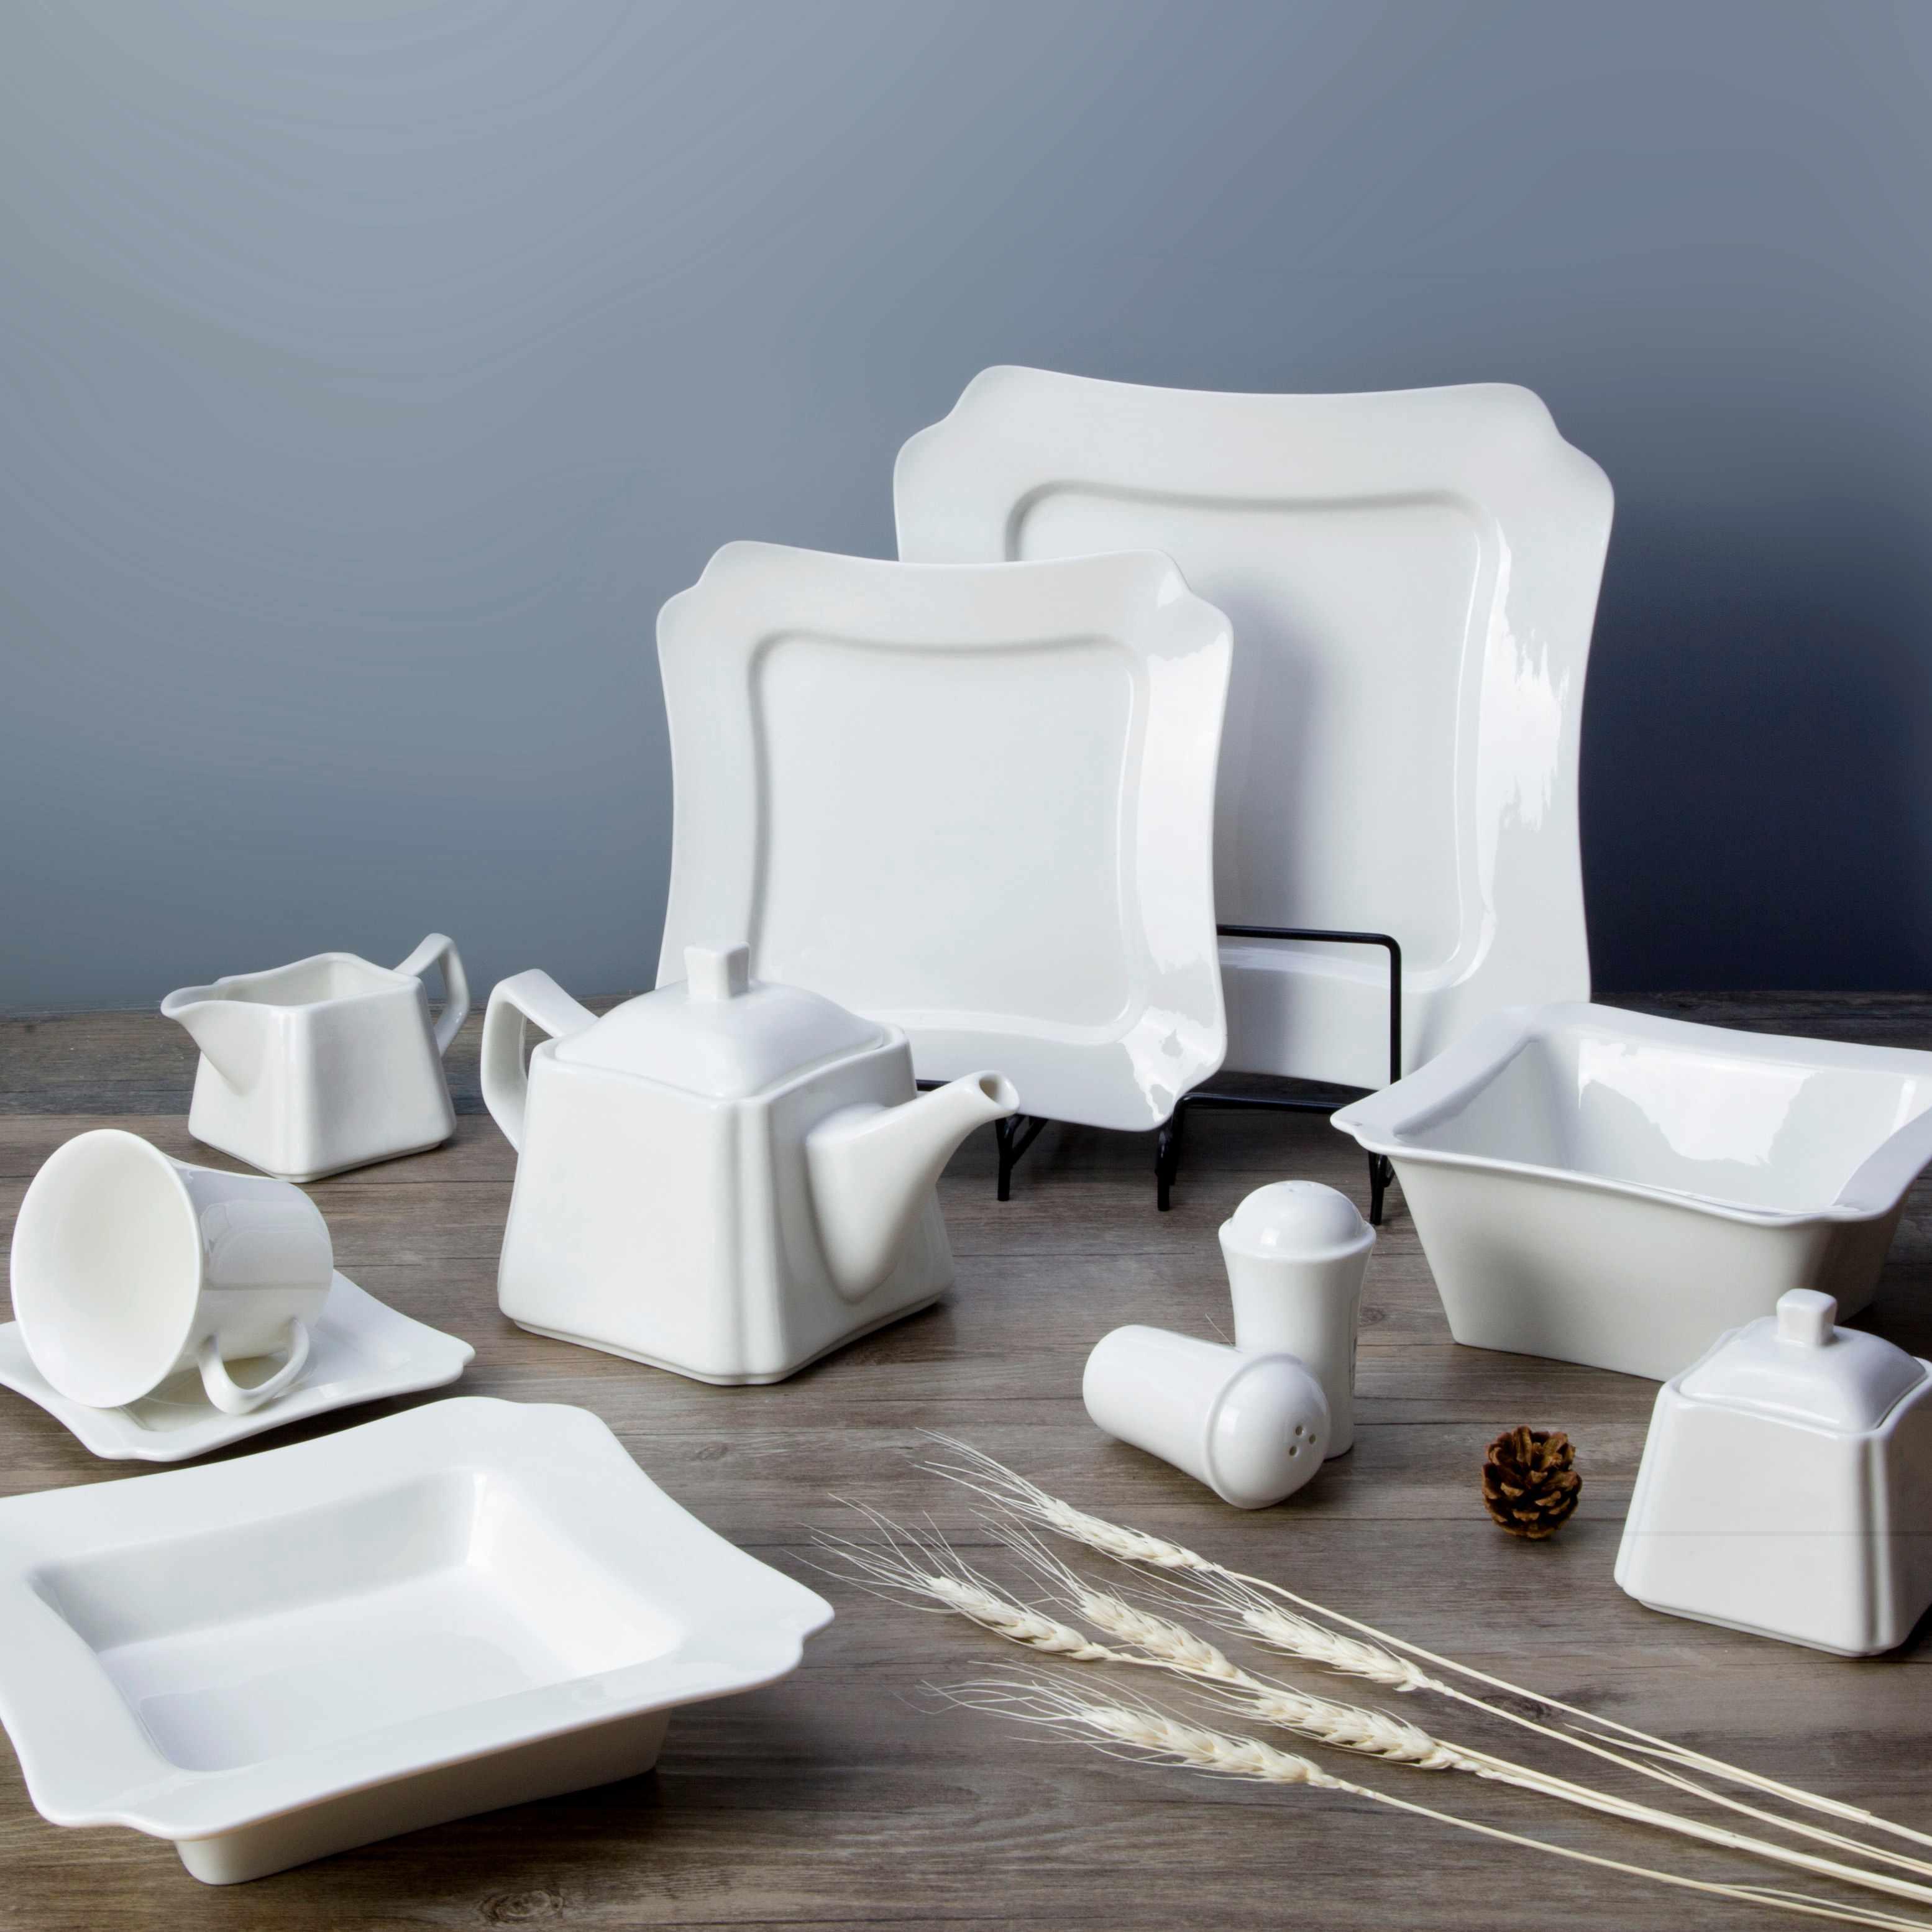 Two Eight White ceramic dinnerware set - FENG ZHENG SERIES White Porcelain Dinner Set image3